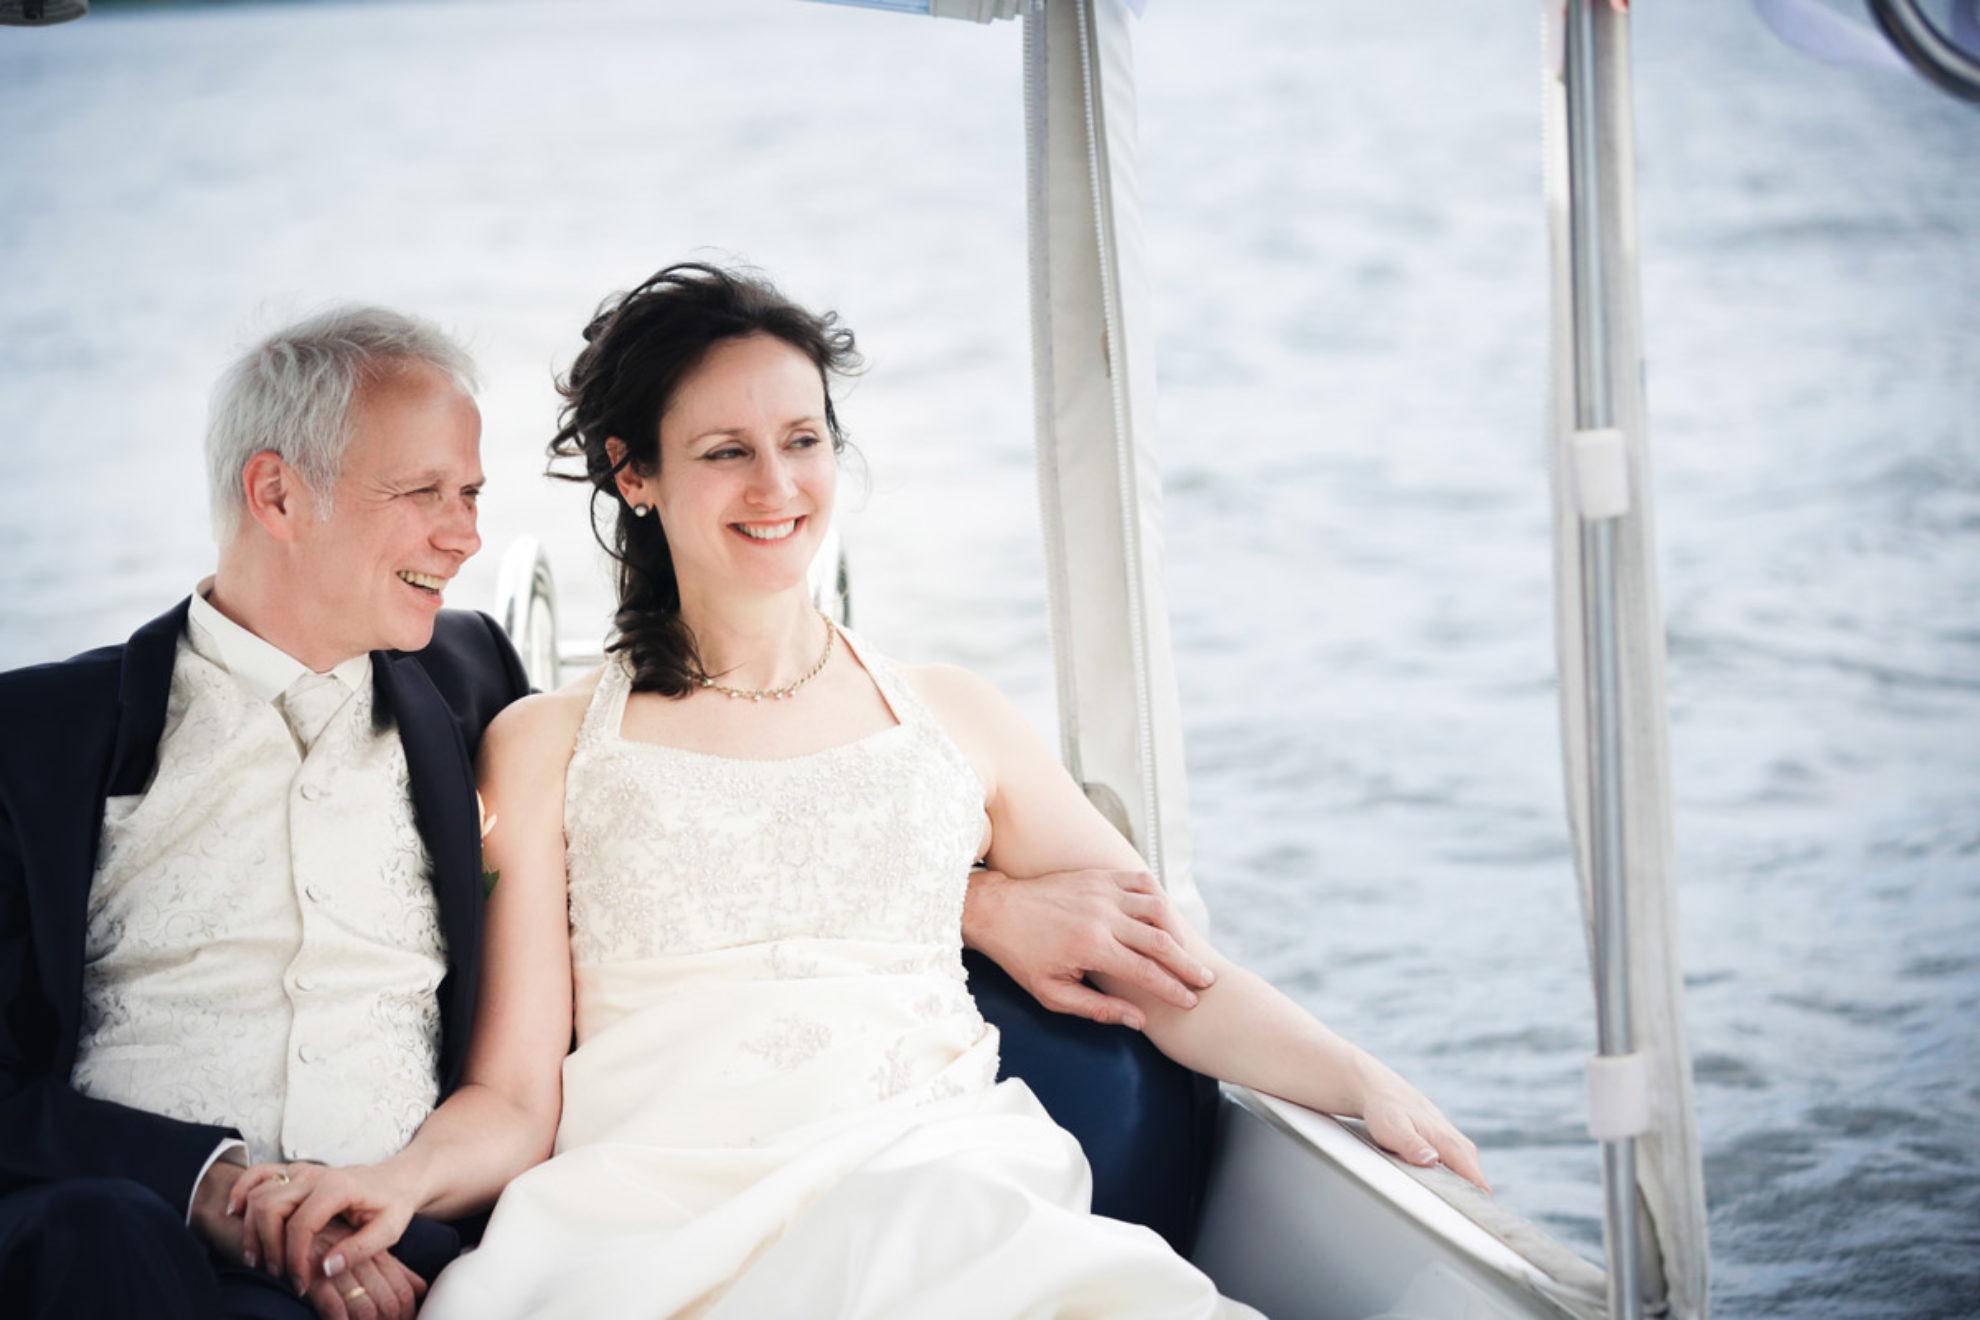 Kristine und Bernd-Ulrich – Hochzeit Britzer Mühle